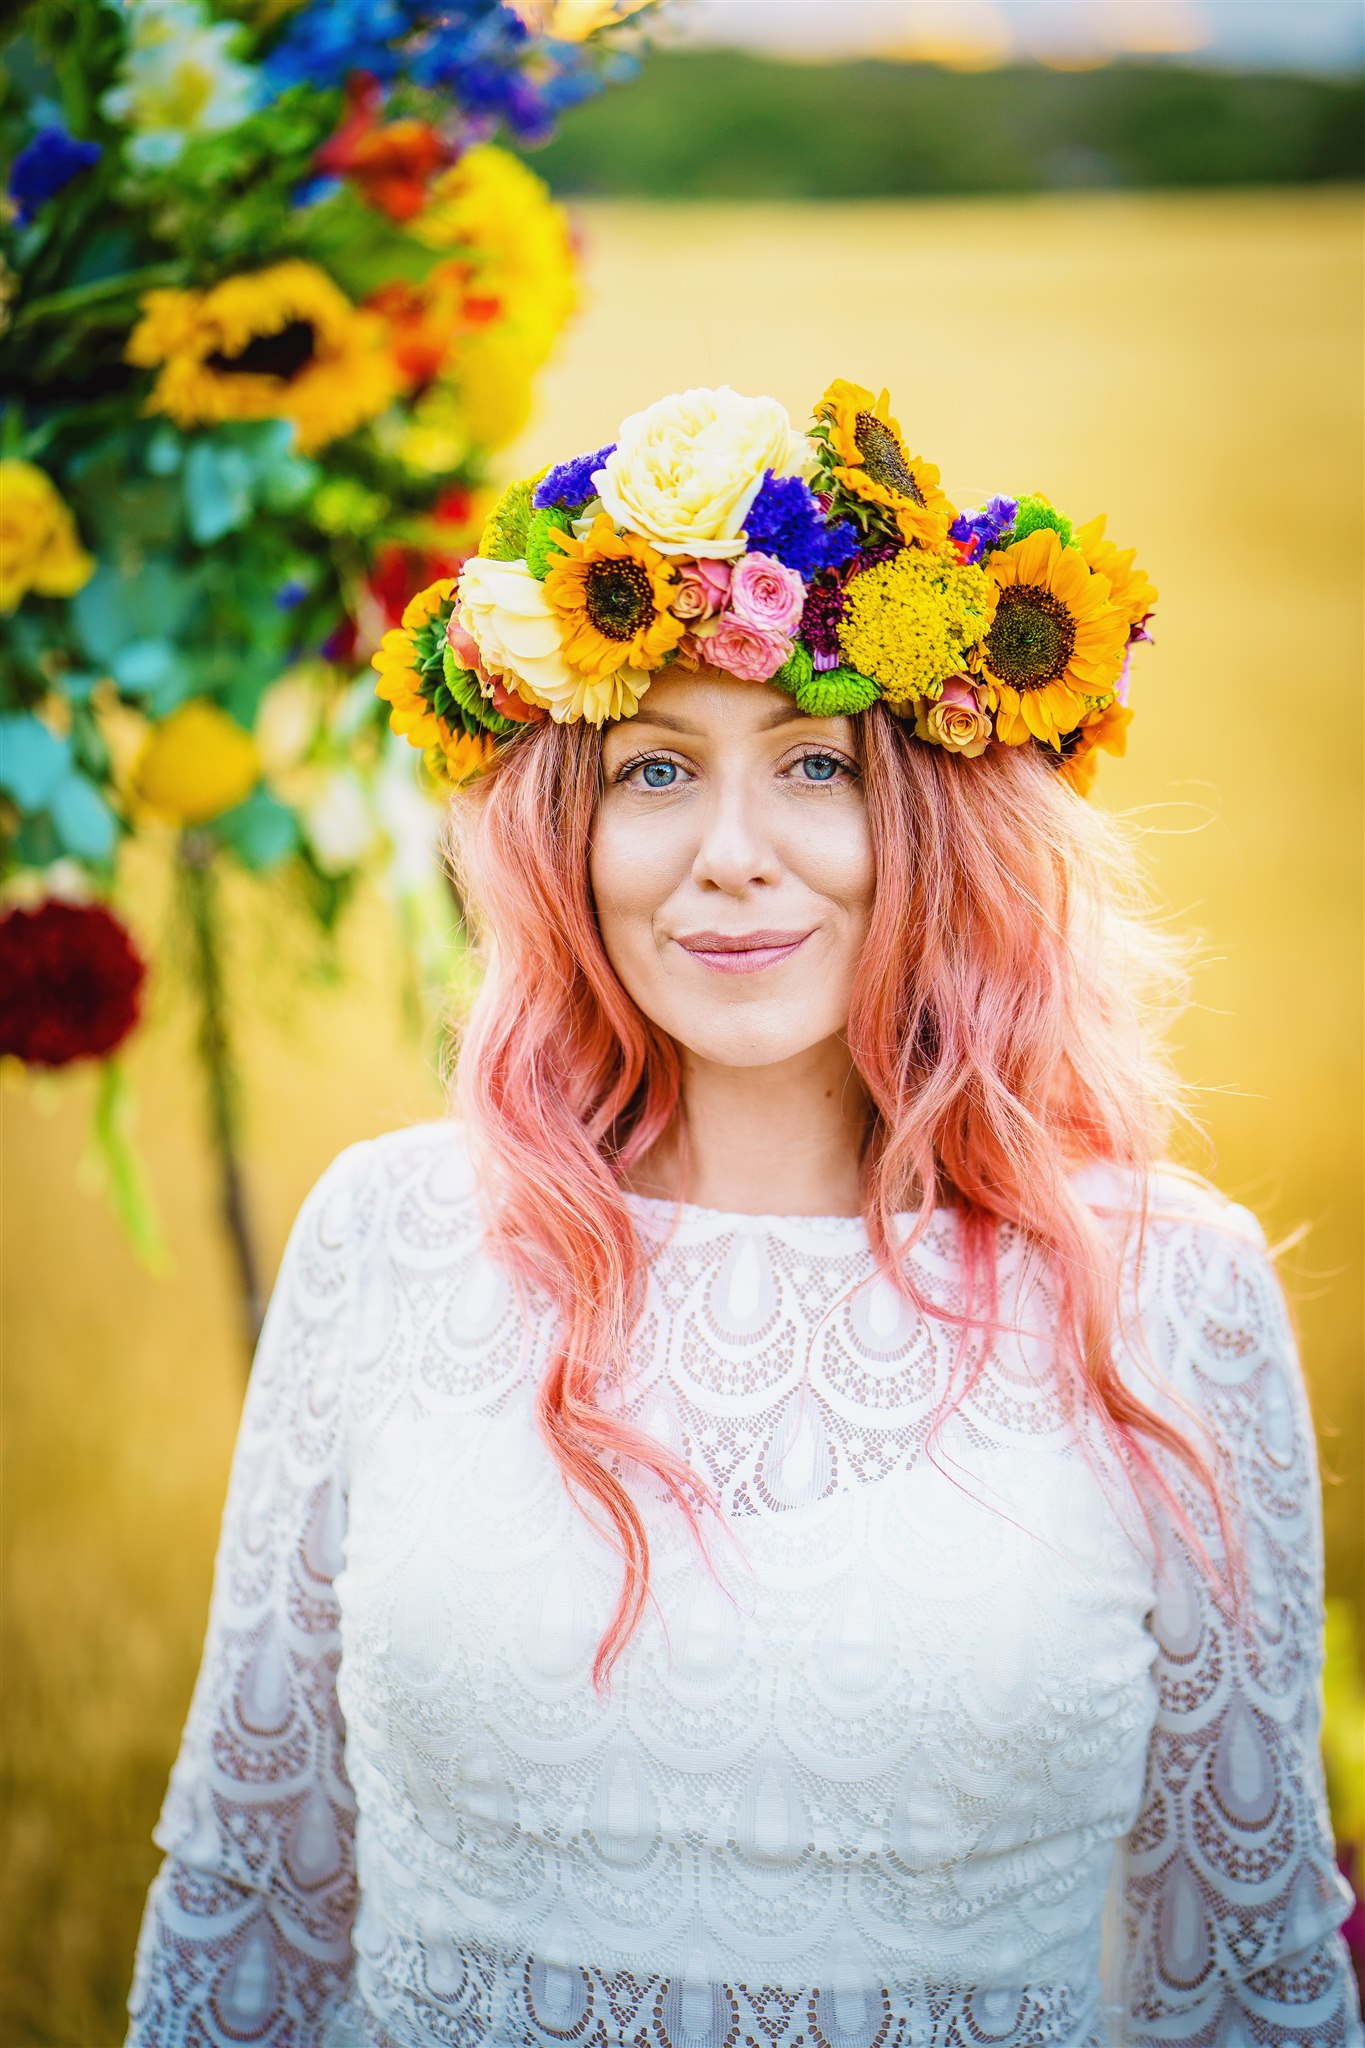 colourful bridal flower crown - colourful bohemian wedding - boho wedding - alternative wedding